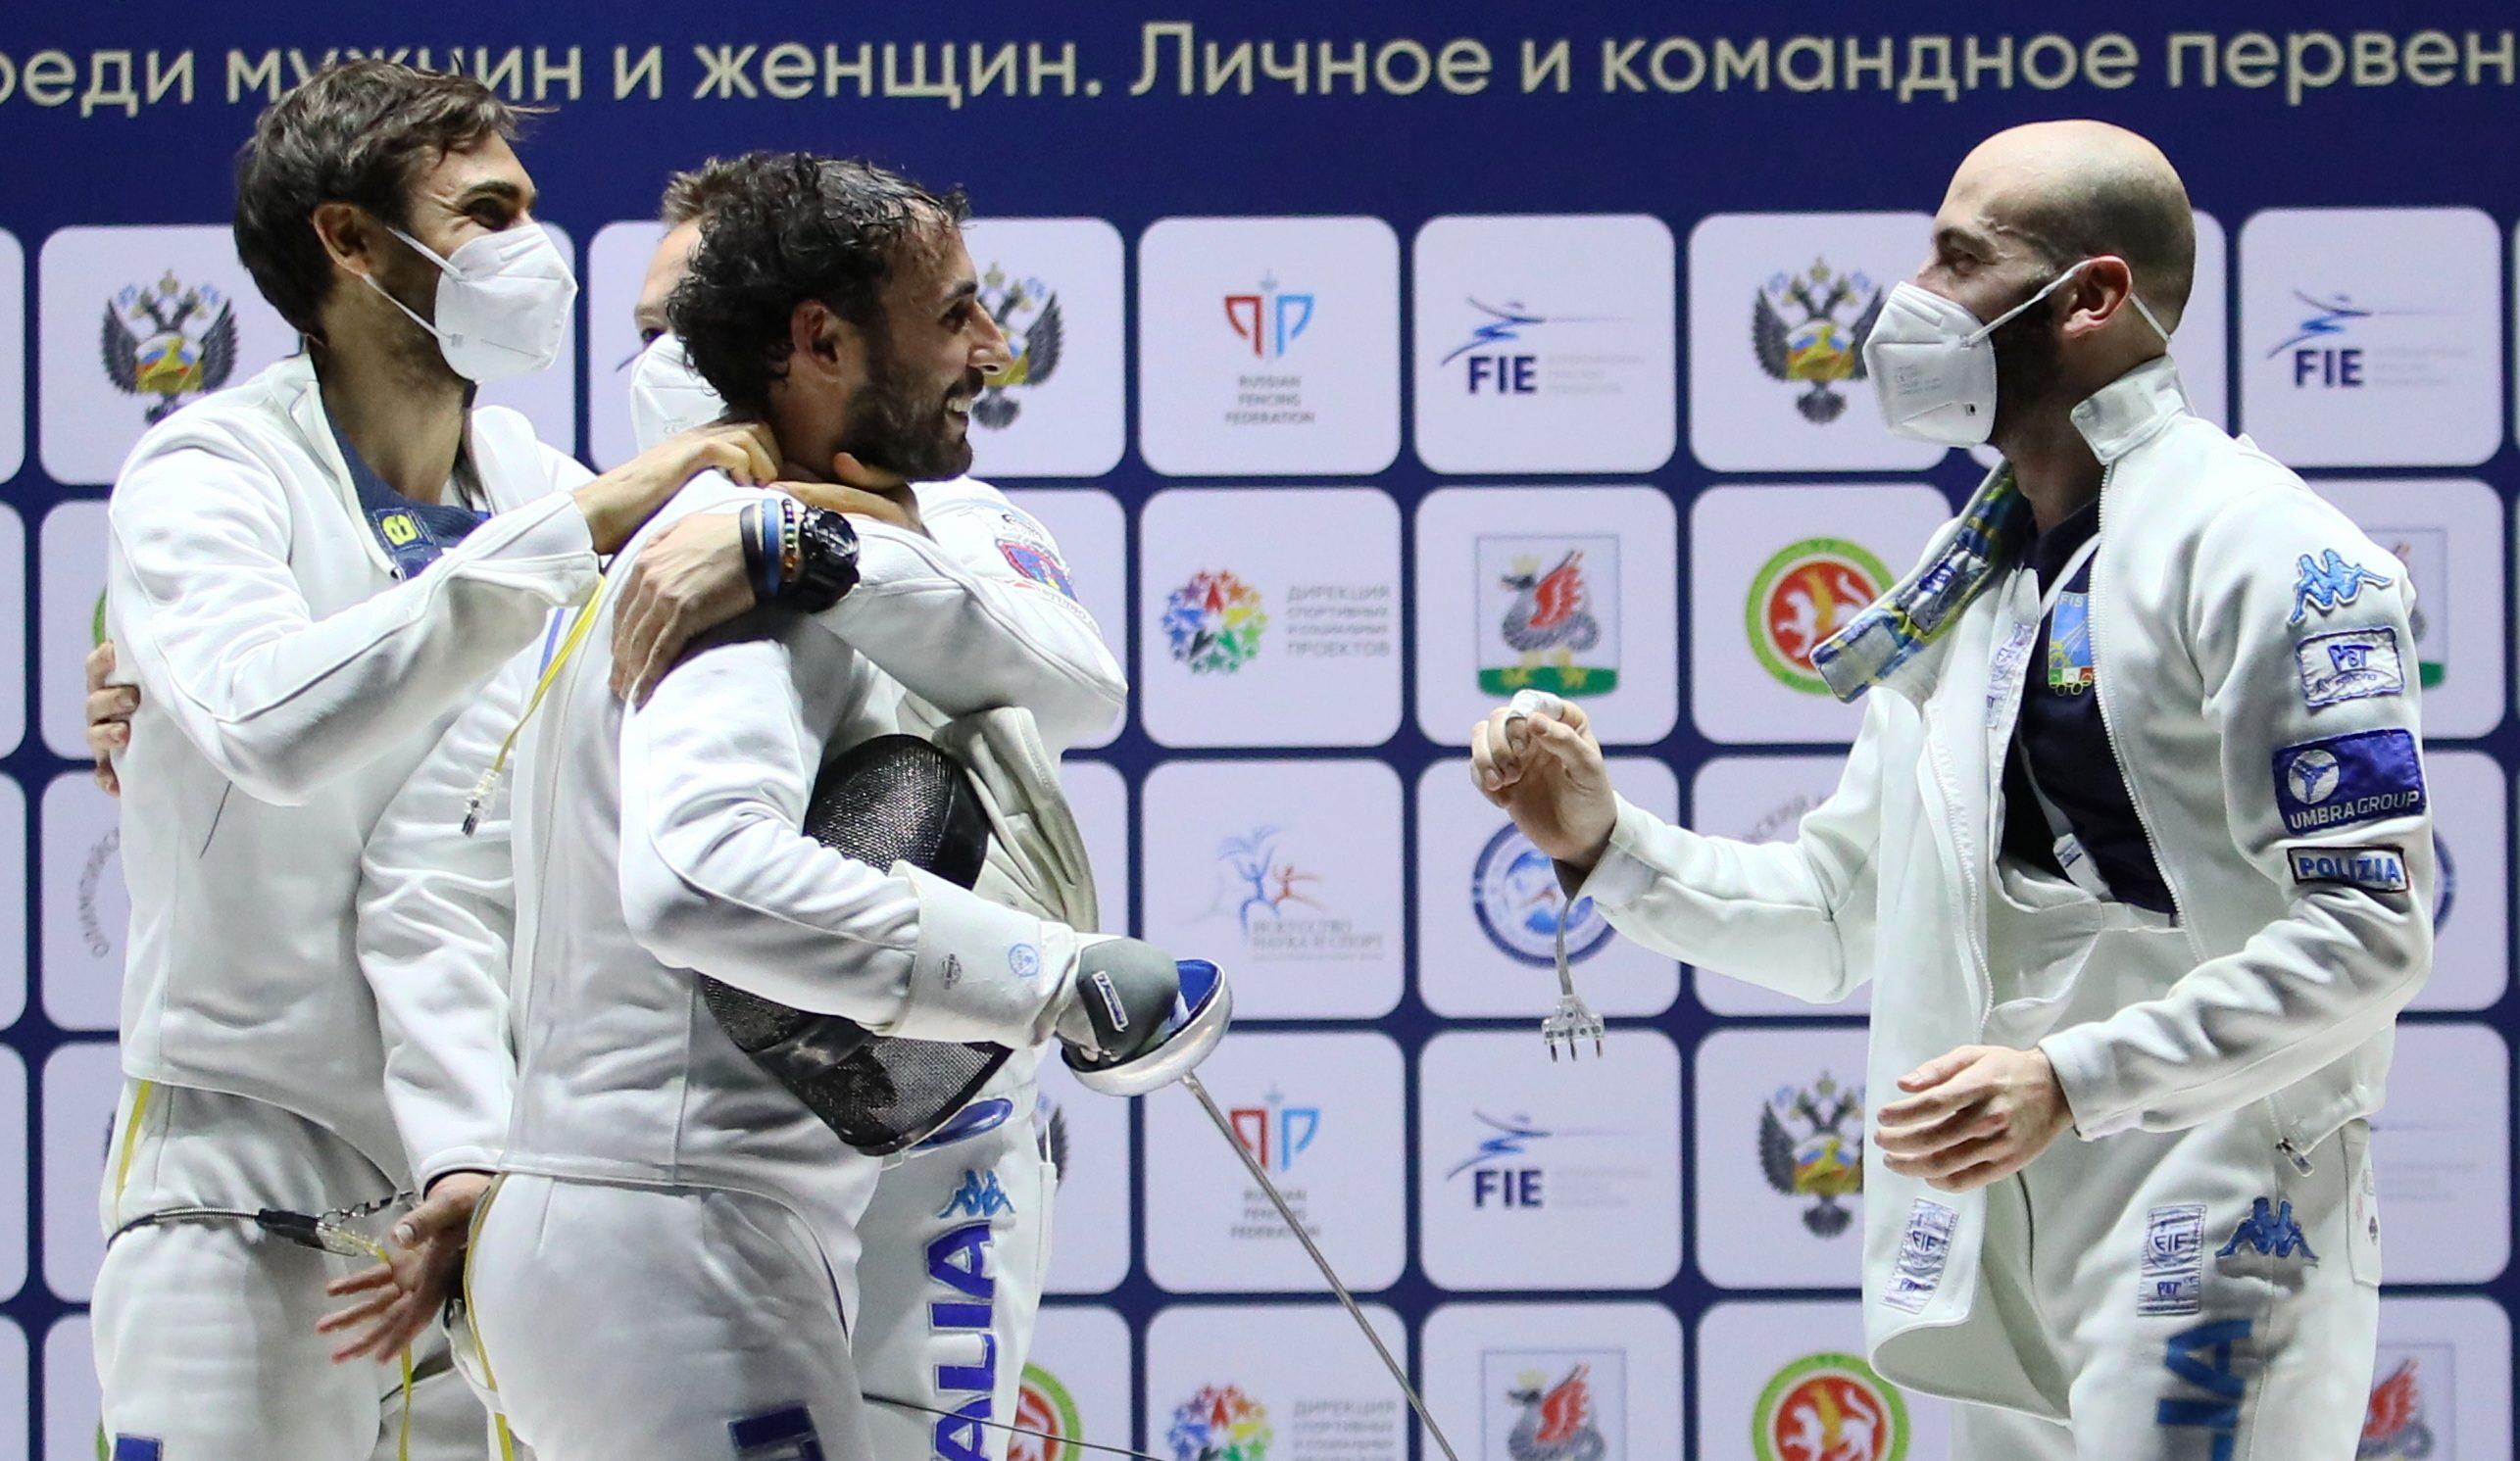 Сборная Италии выиграла мужской командный турнир международных соревнований «Шпага Казани»